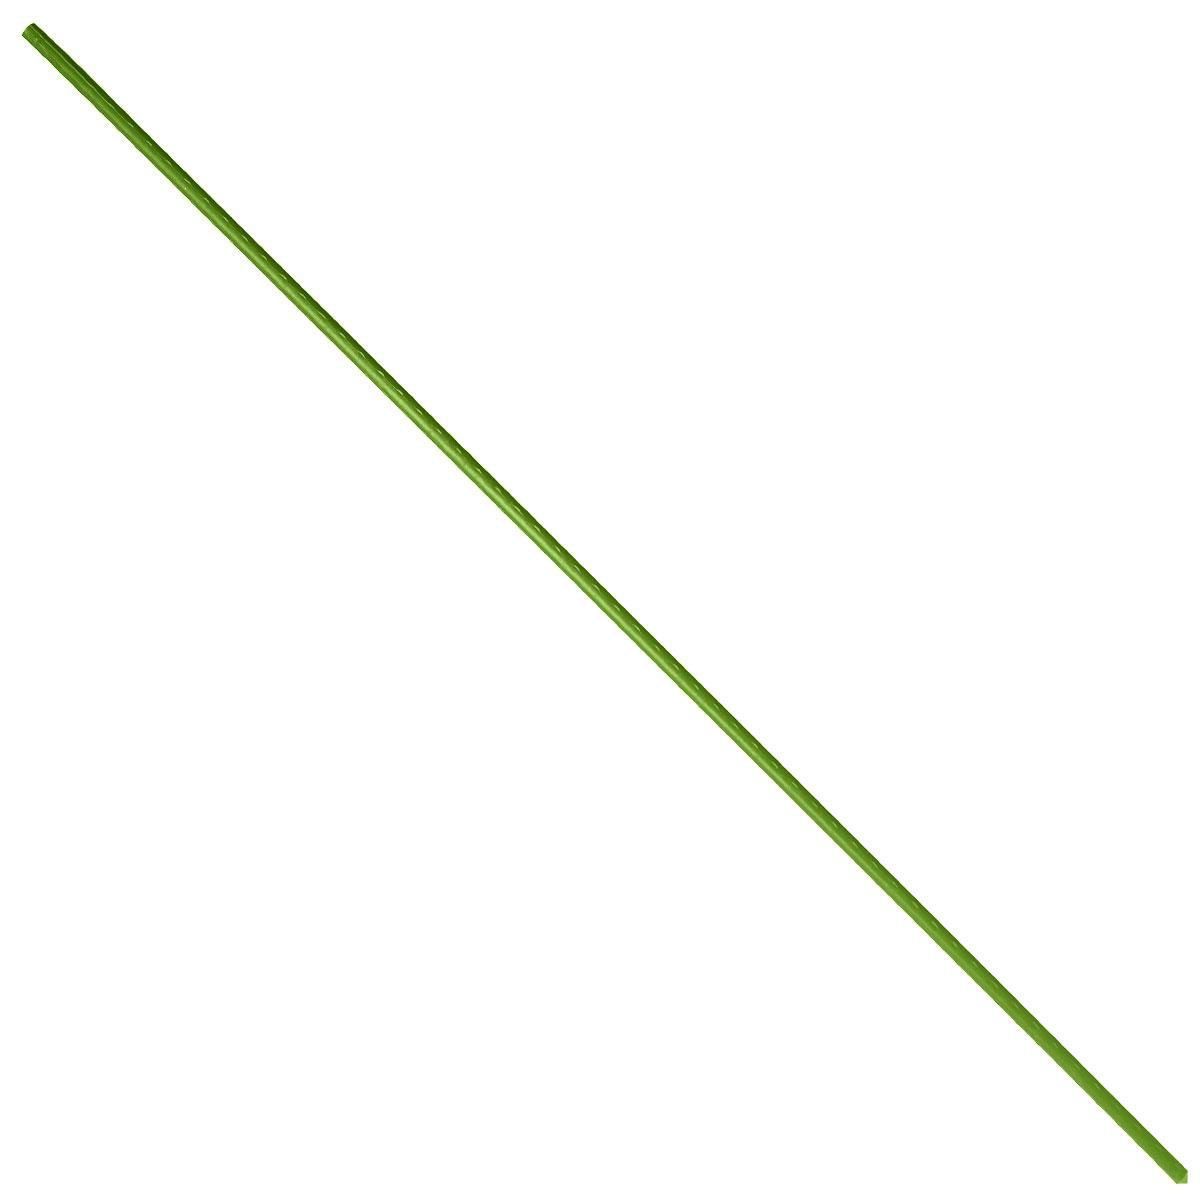 Опора для растений Green Apple, цвет: зеленый, диаметр 1,1 см, длина 90 см, 5 штGCSP-11-90Опора для растений Green Apple выполнена из высококачественного металла, покрытого цветным пластиком. В наборе 5 опор, выполненных в виде ствола растения с шипами. Такие опоры широко используются для поддержки декоративных садовых и комнатных растений. Также могут применятся для поддержки вьющихся растений в парниках. Длина опоры: 90 см. Диаметр опоры: 1,1 см. Комплектация: 5 шт.